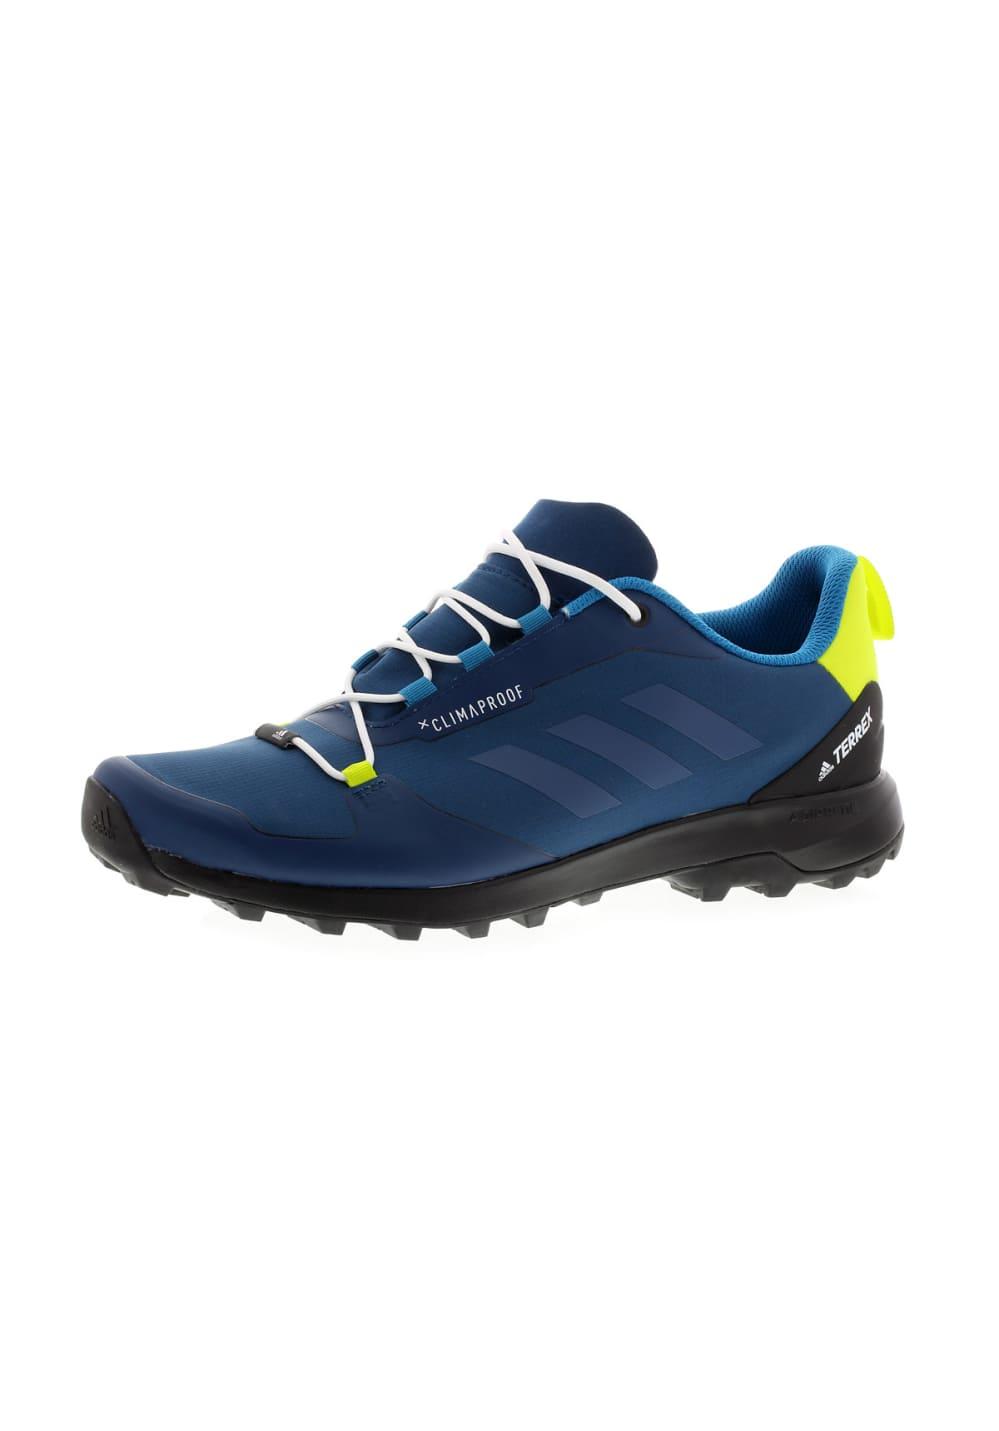 Terrex Randonnée Homme Bleu Fastshell Climaproof Pour Chaussures Adidas OXiTPukZ